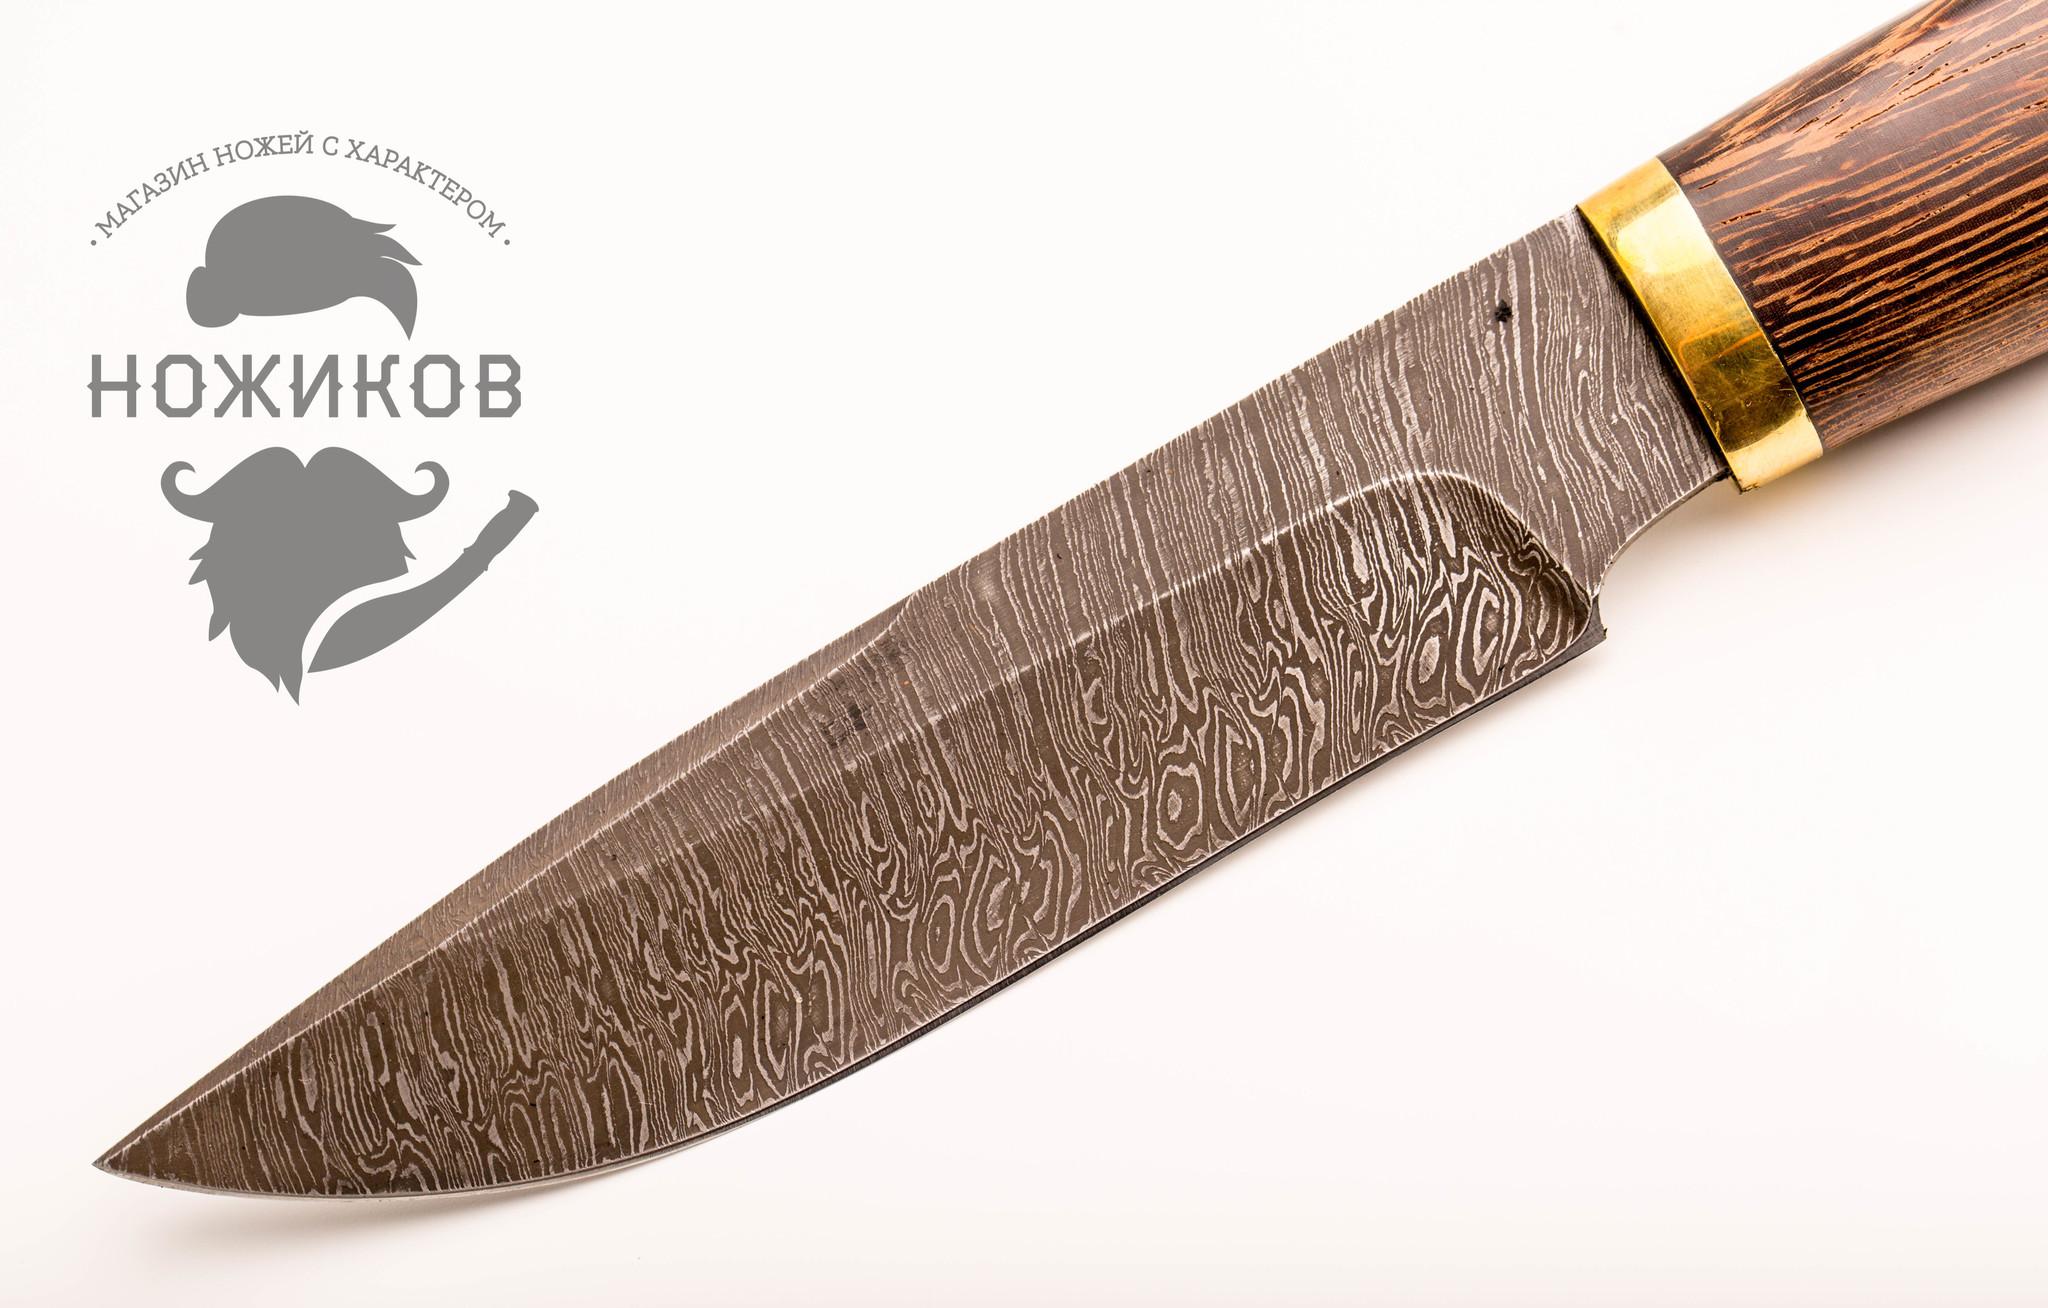 Фото 6 - Нож Леший, сталь дамаск, венге от Промтехснаб